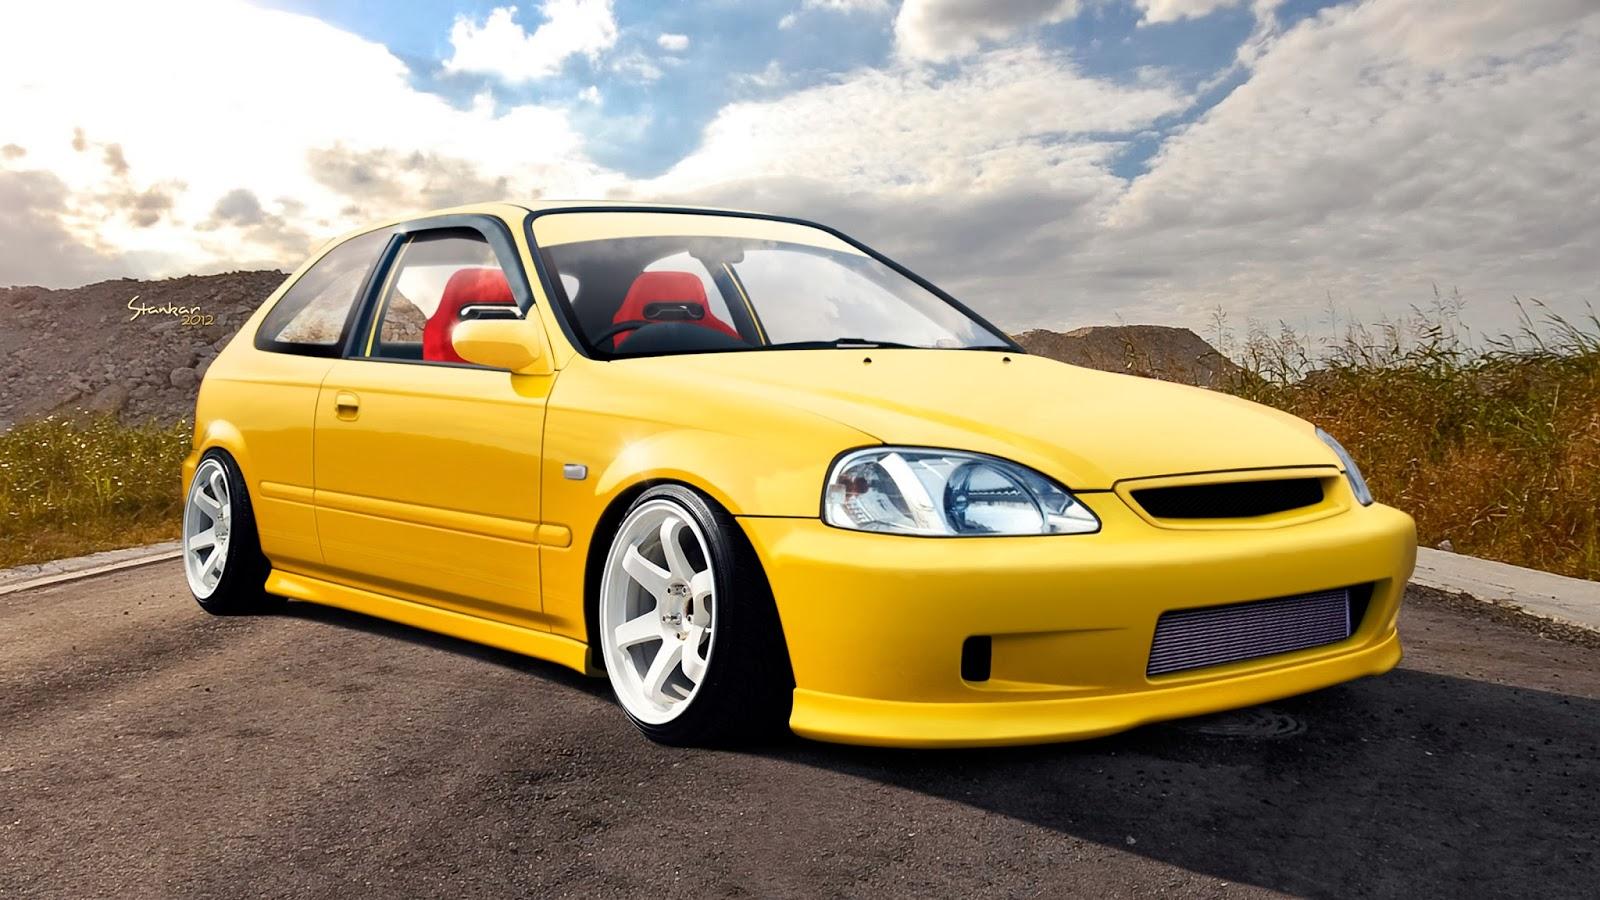 jdm modification wallpaper Honda EG6 JDM Yellow JDM Wallpaper 1600x900